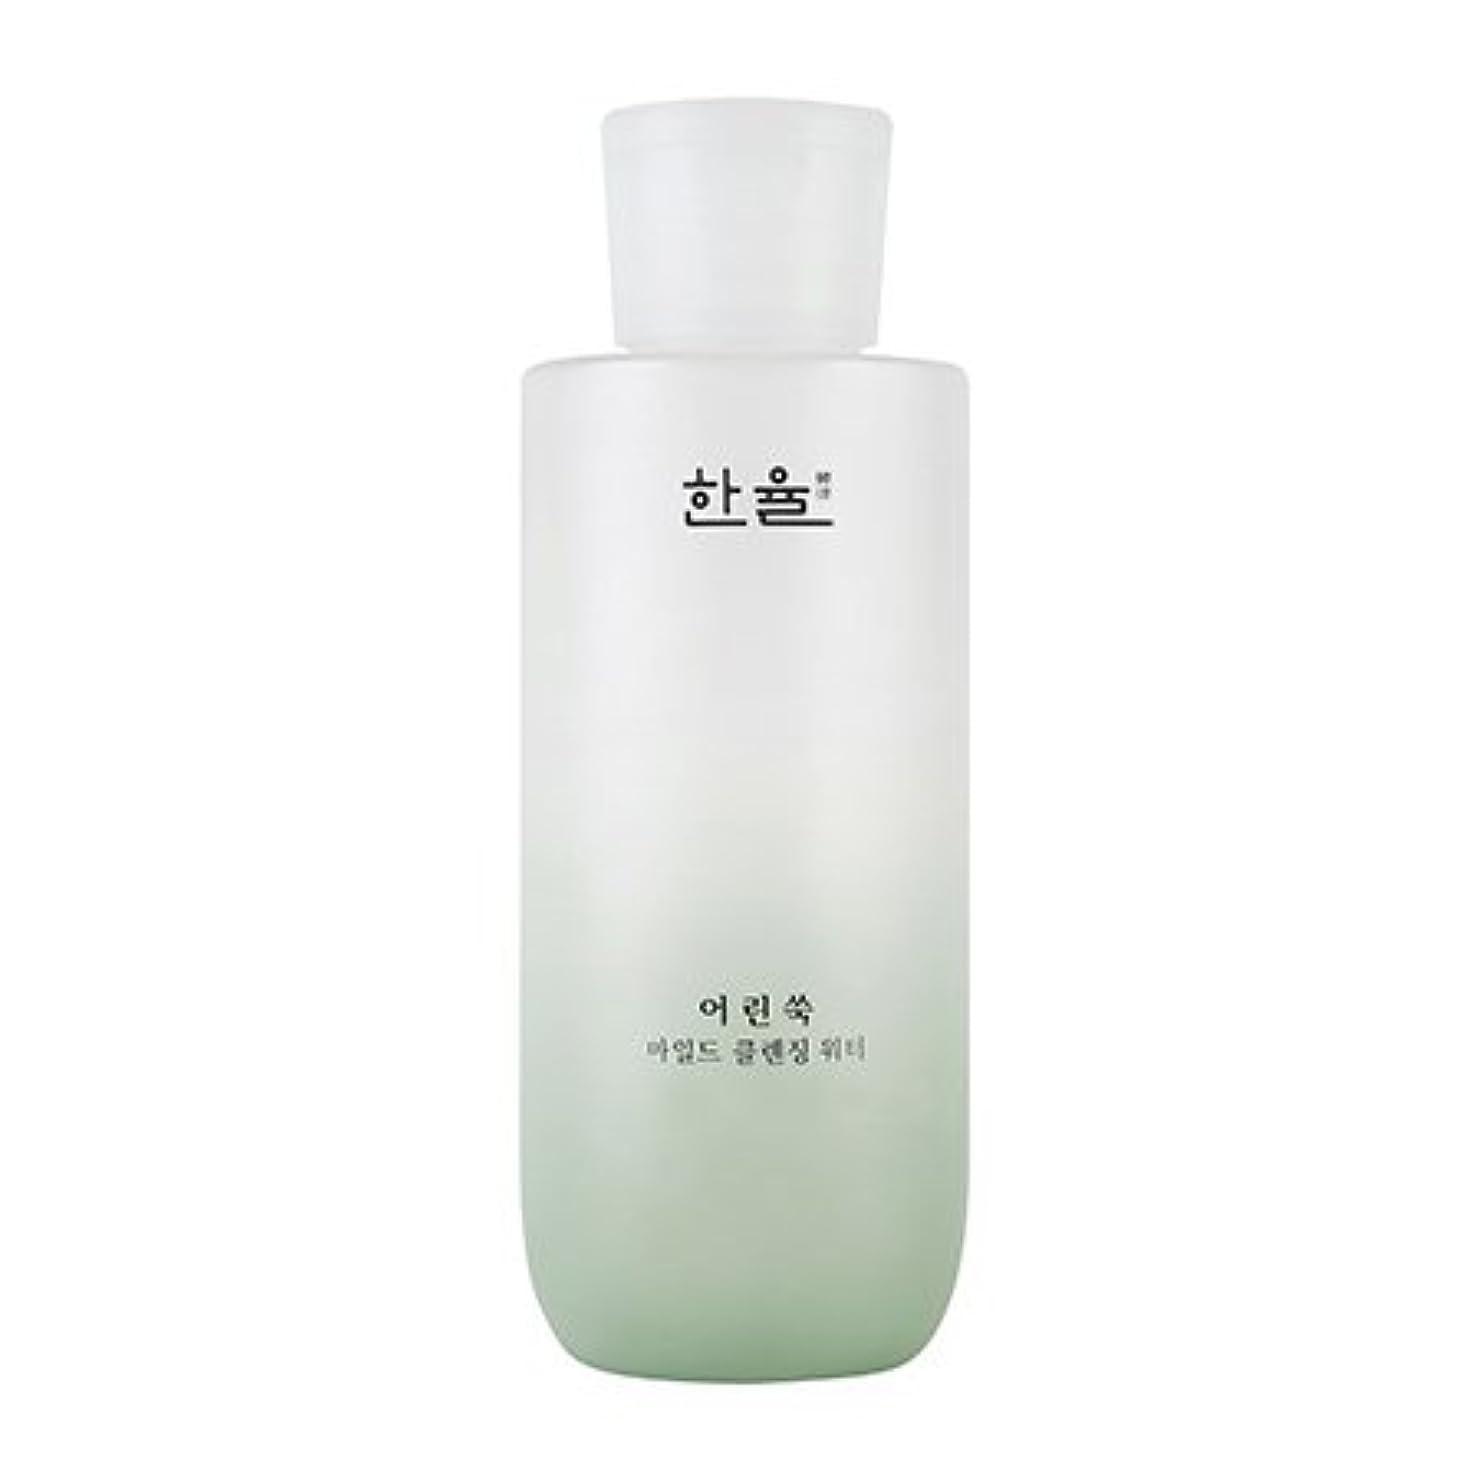 アルコールベット印象HANYUL Pure Artemisia Mild Cleansing Water 300ml / ハンユル ピュアアルテミシアマイルド クレンジングウォーター 300ml [並行輸入品]